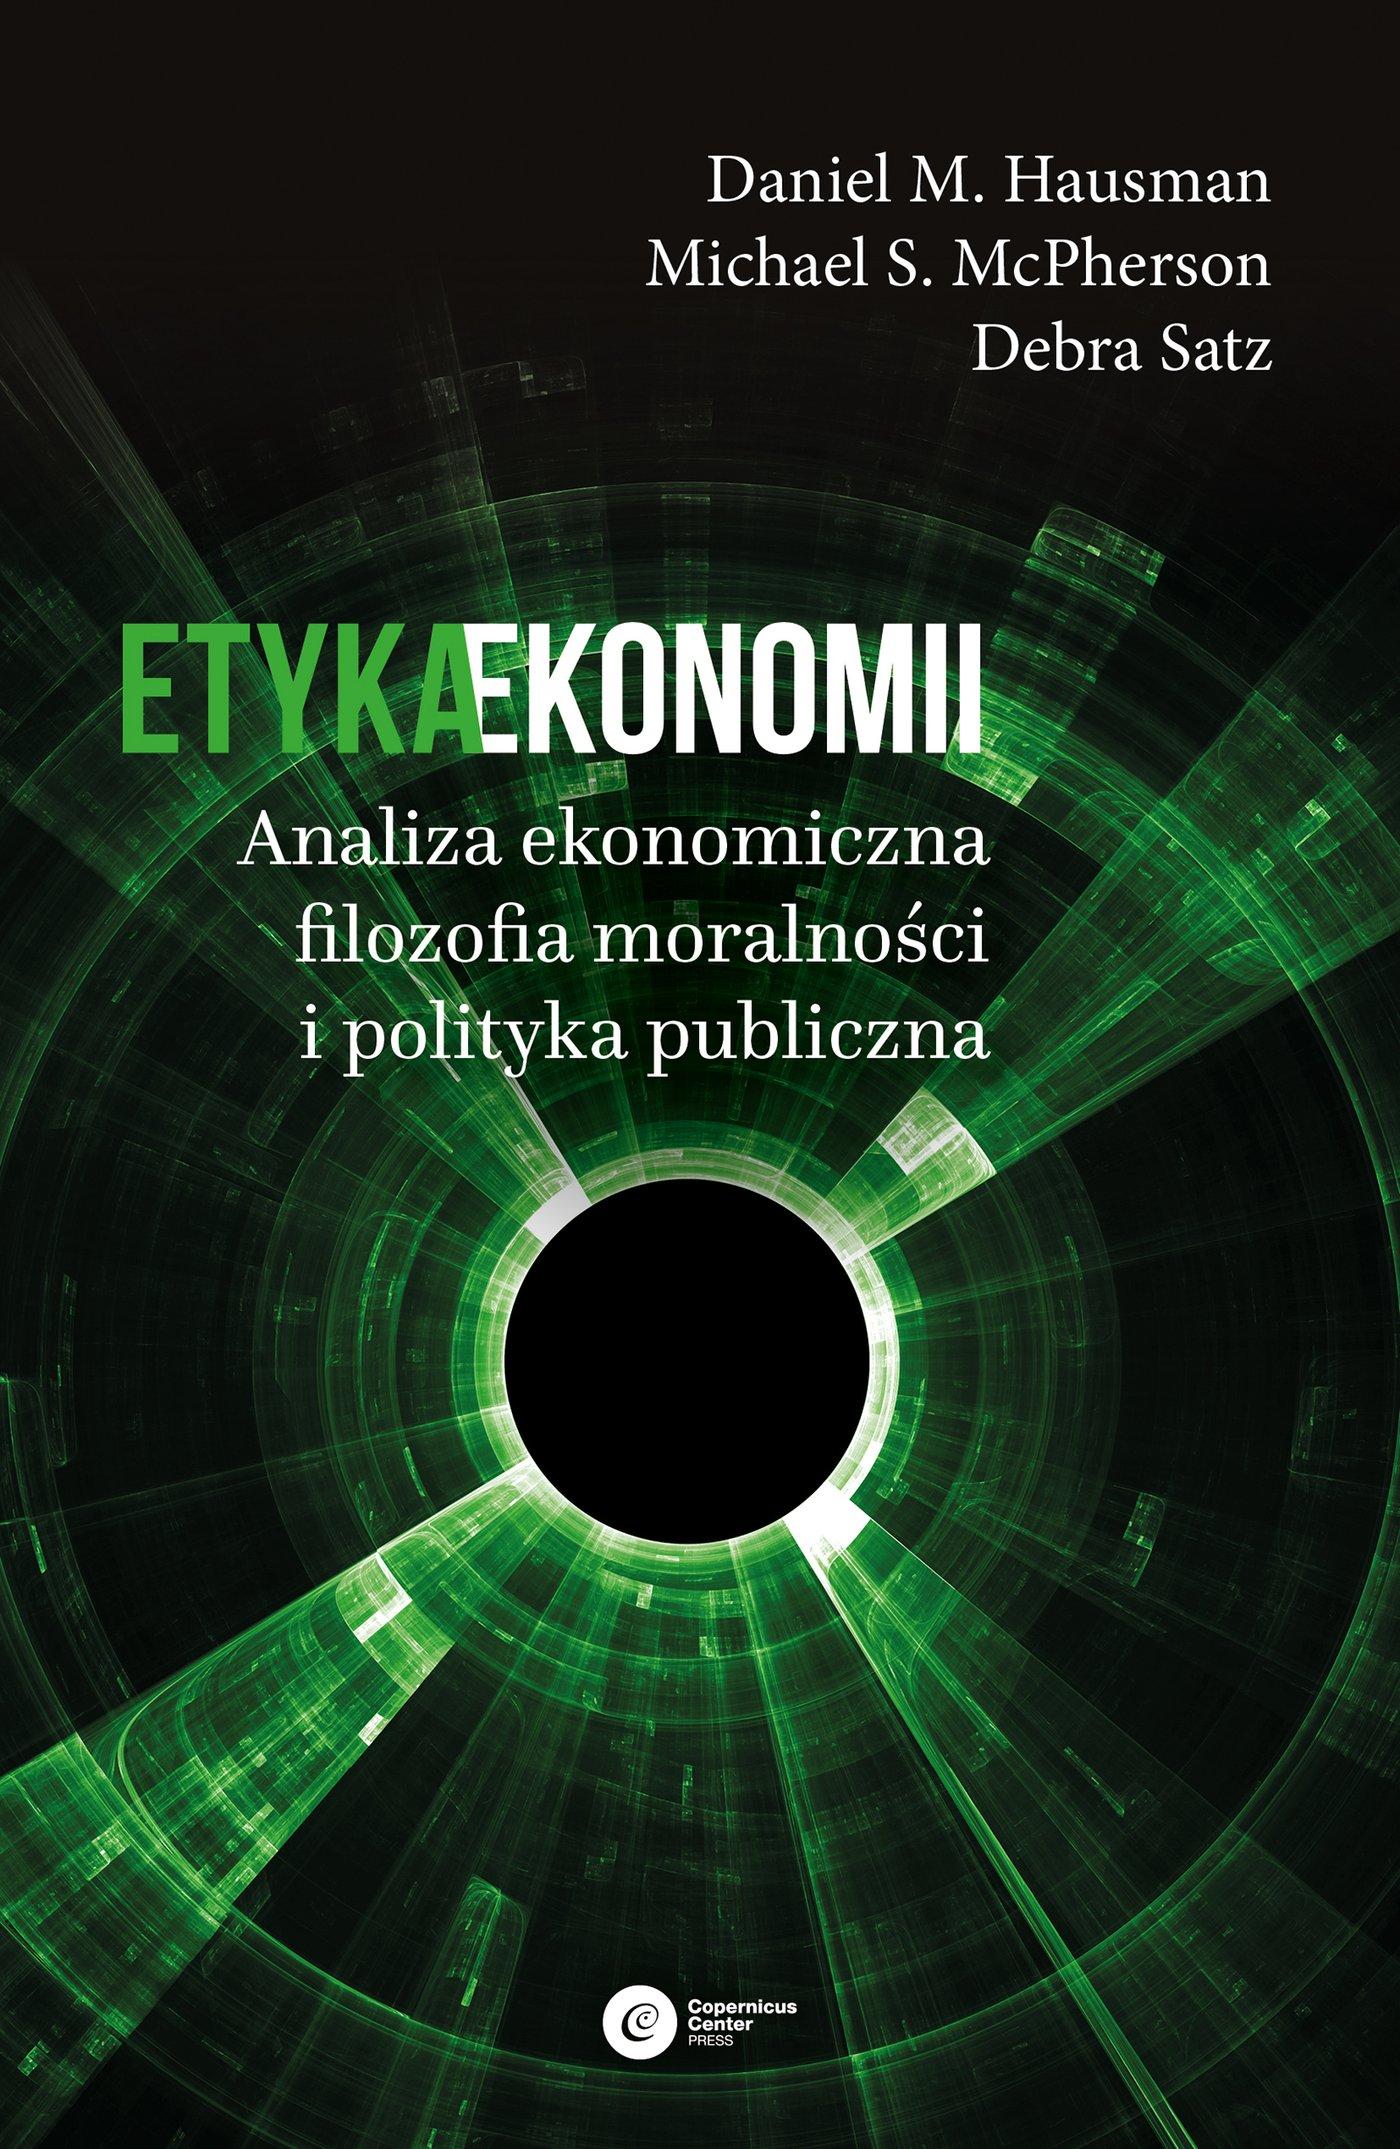 Etyka ekonomii - Ebook (Książka EPUB) do pobrania w formacie EPUB